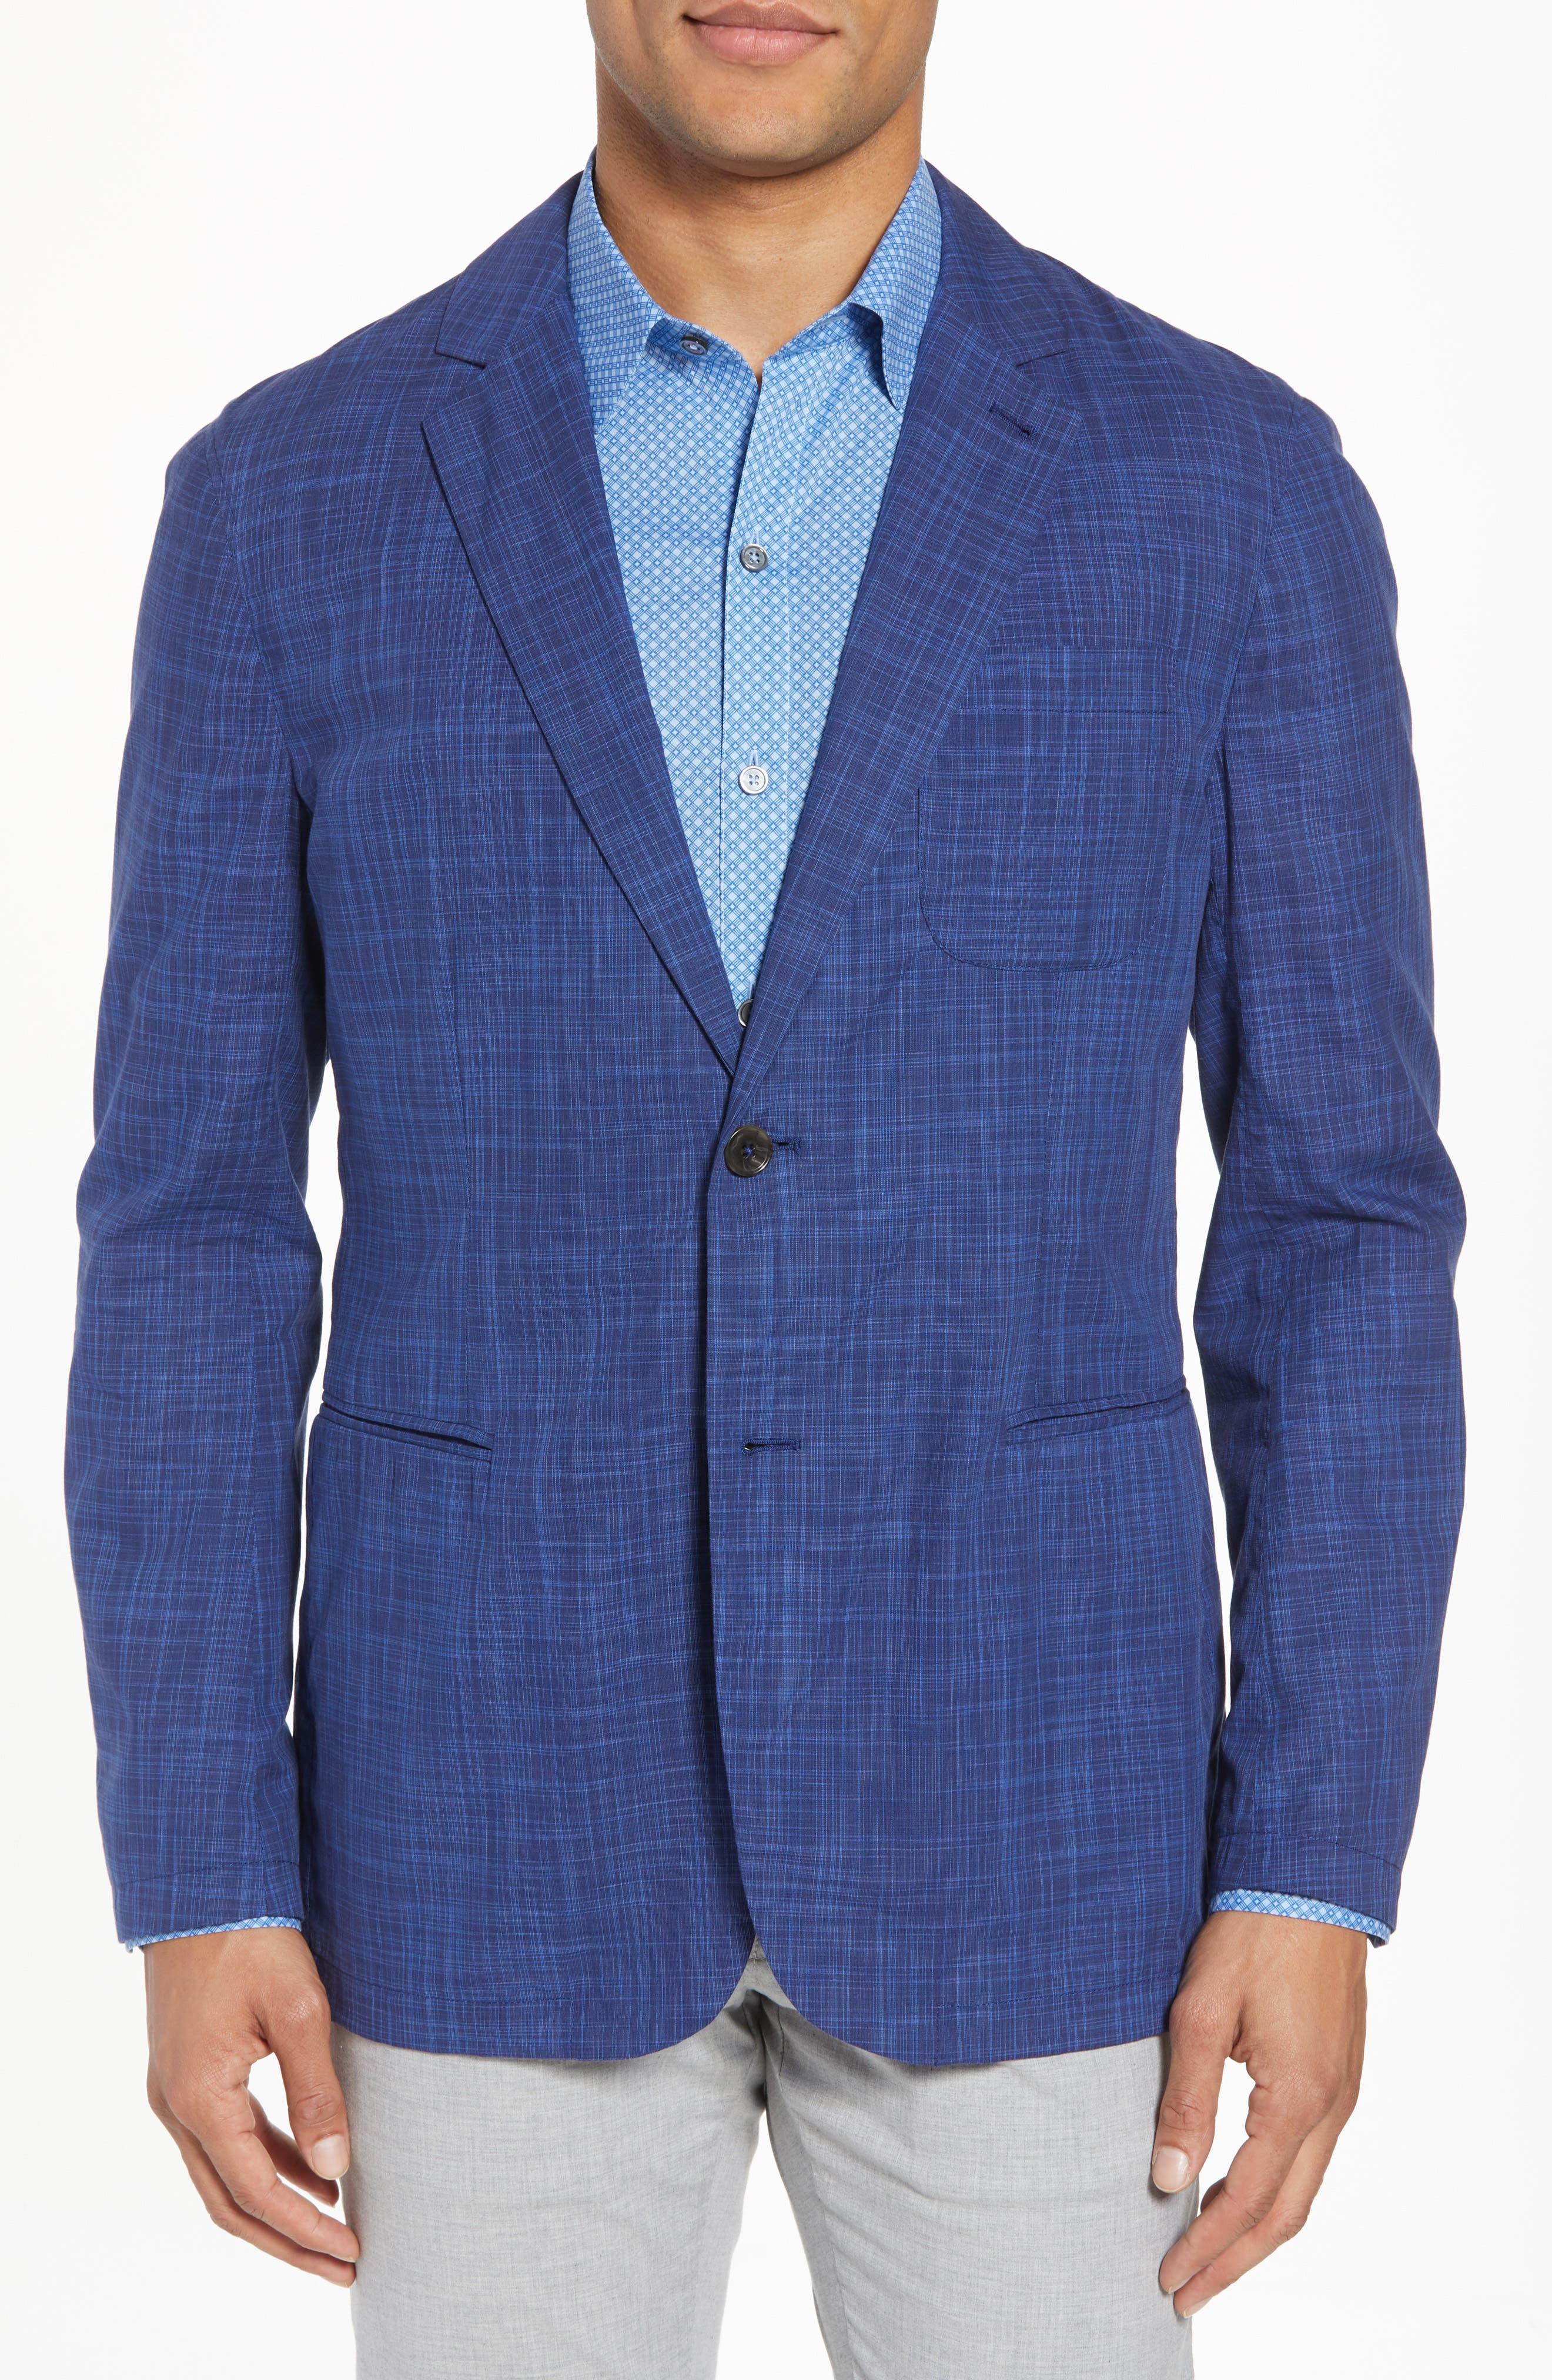 Belmont Regular Fit Sport Coat,                             Main thumbnail 1, color,                             Blue